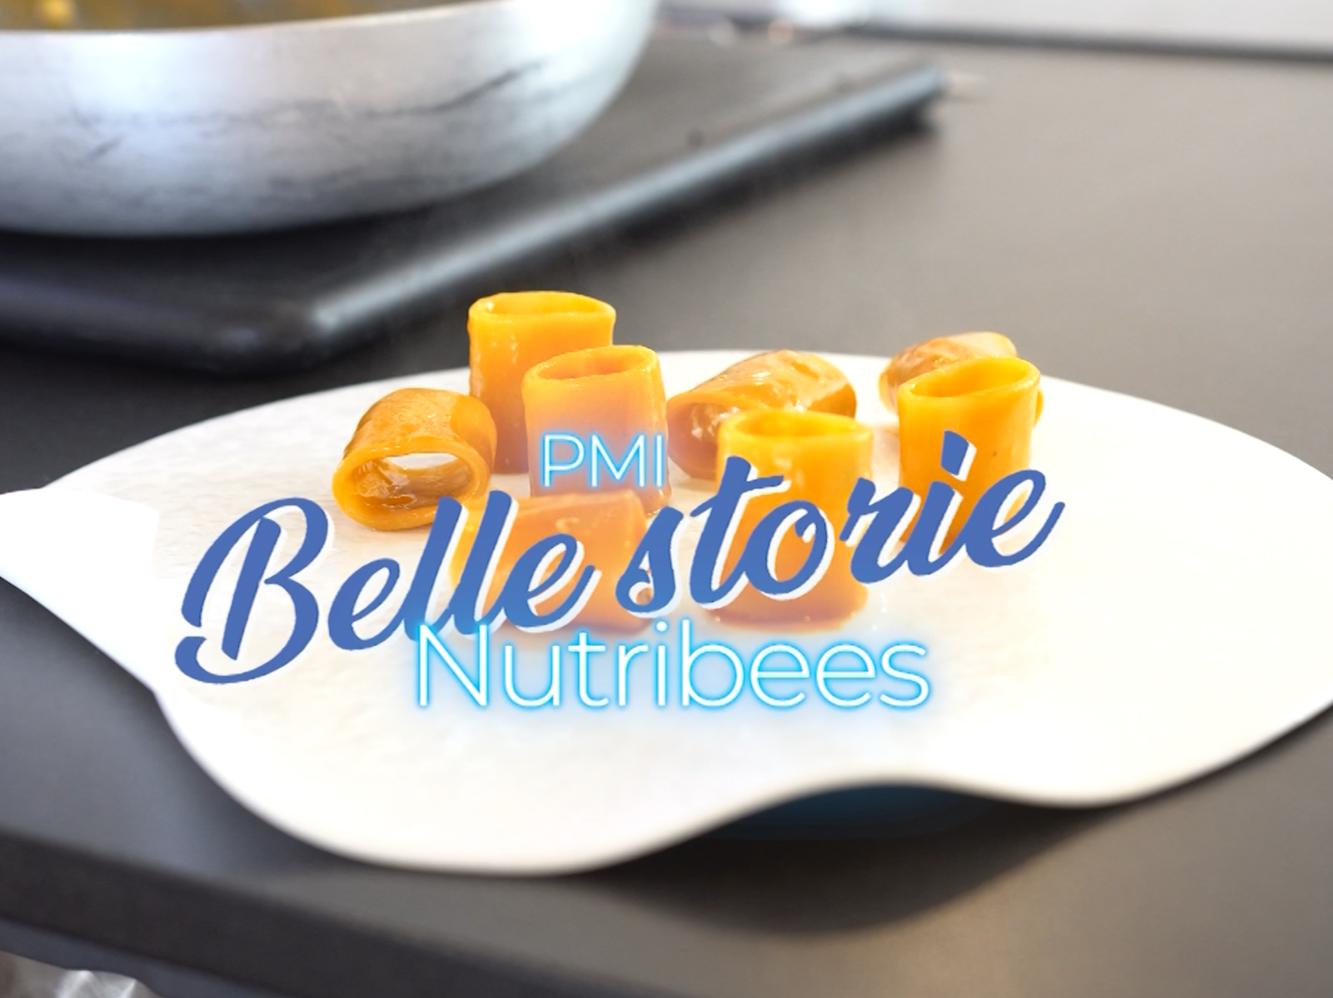 mangiare-sano-a-domicilio,-da-moda-a-modello-di-business:-la-startup-italiana-nutribees-diventa-una-case-history